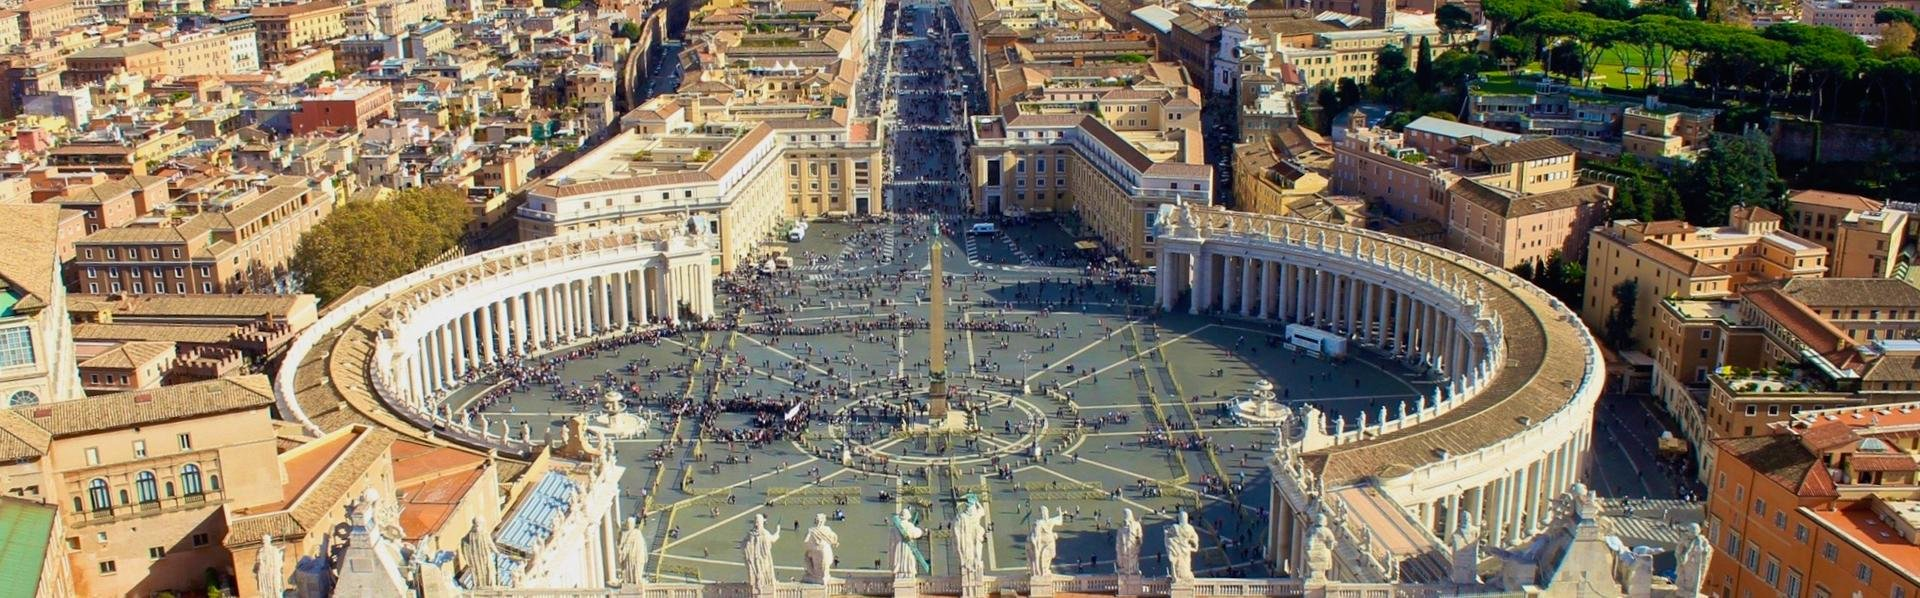 Sint Pieterplein in Rome, Vaticaanstad, Italië